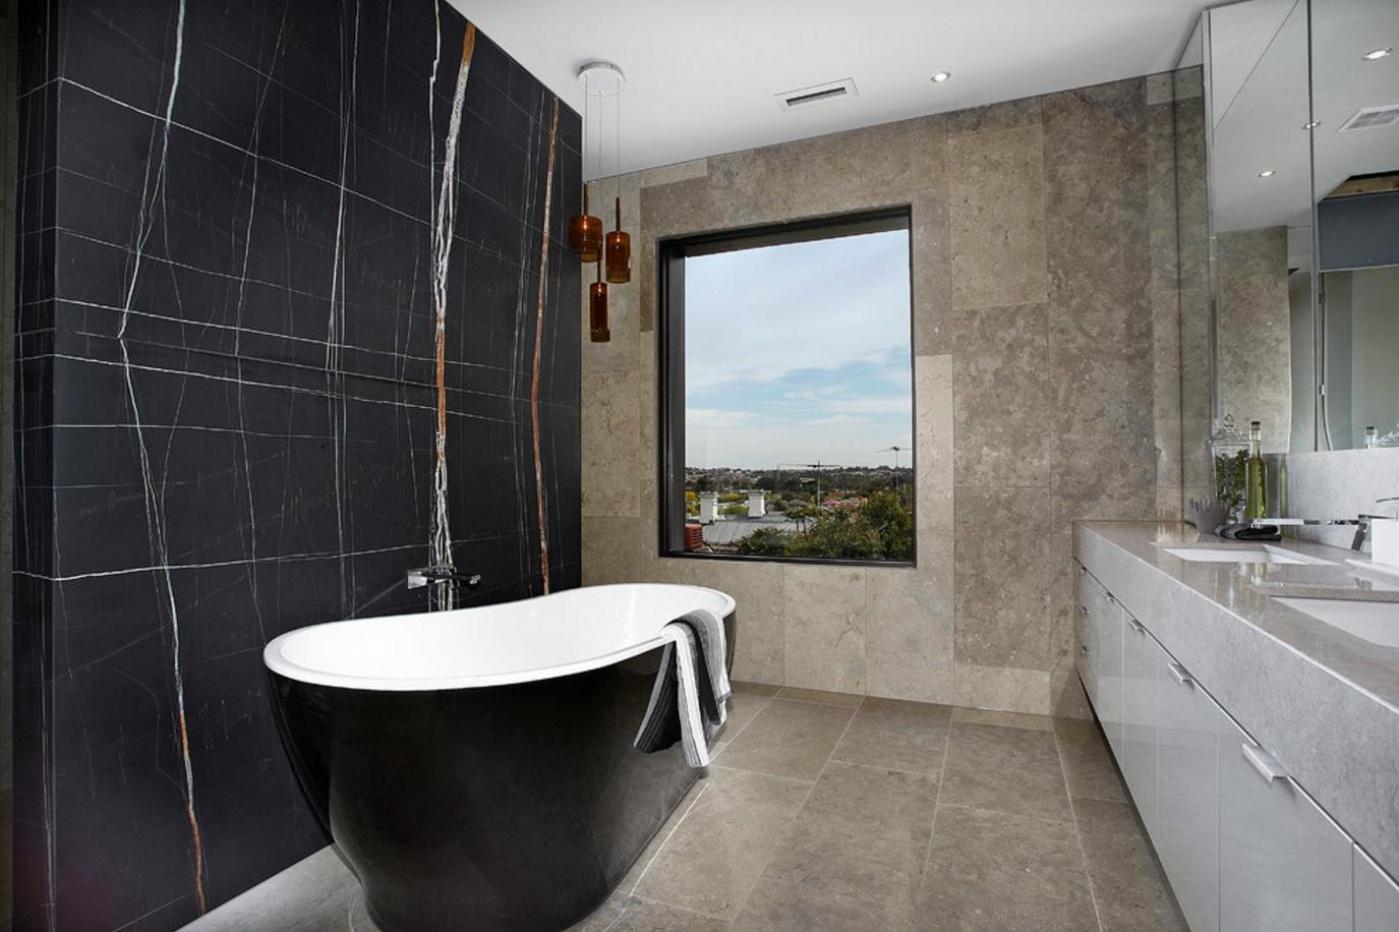 salle de bain en marbre noir du sahara